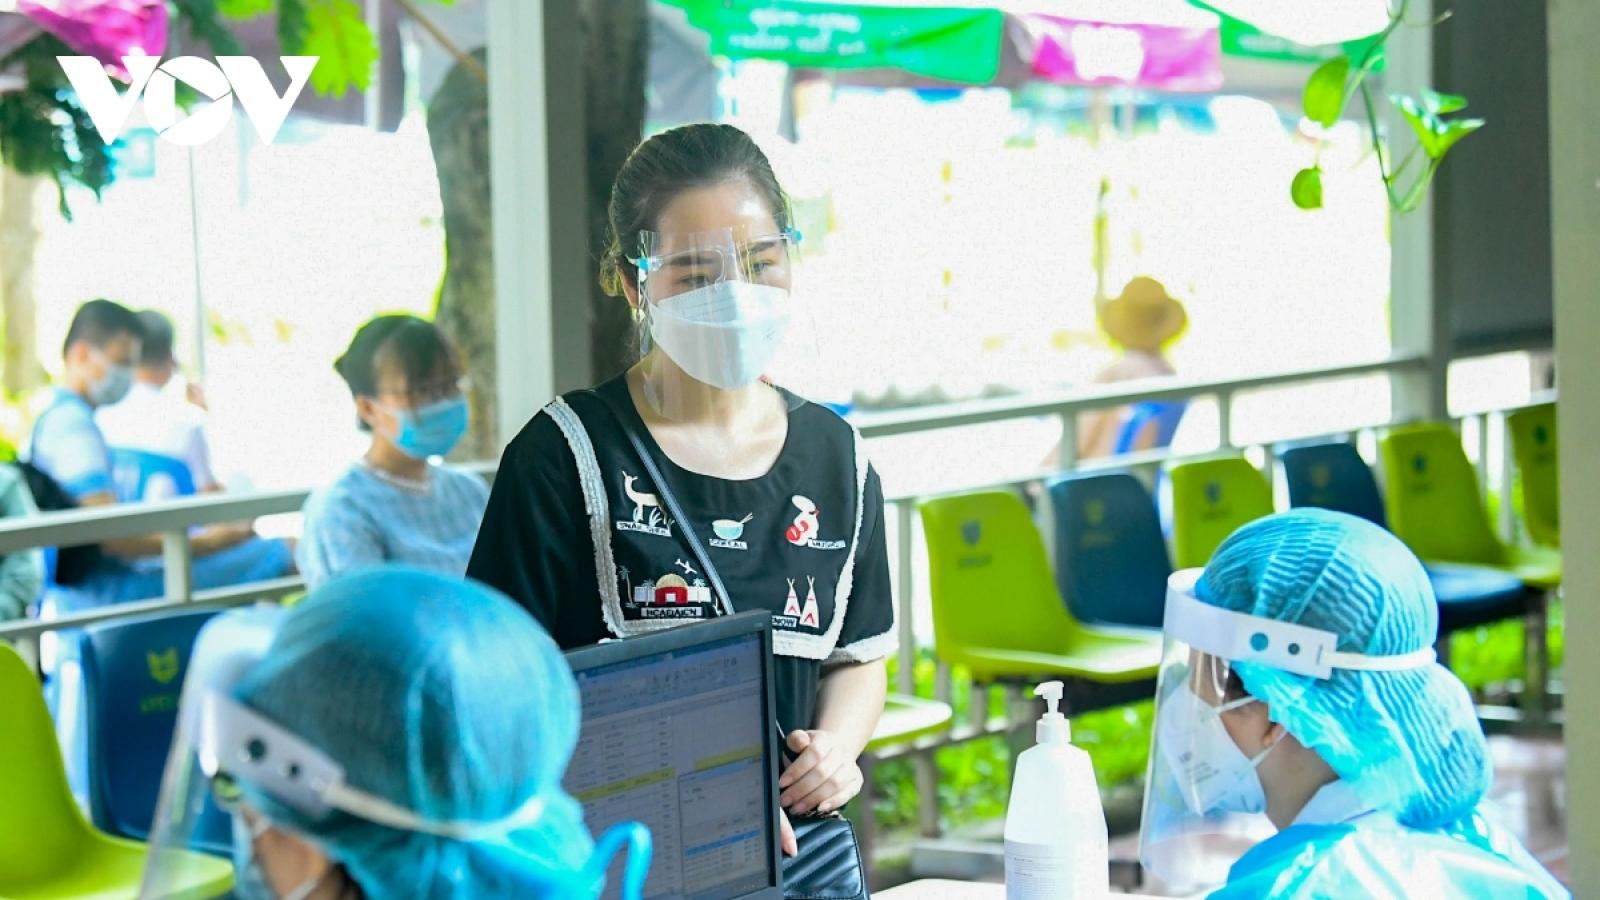 Hà Nội yêu cầu các cơ sở khám, chữa bệnh đặt cảnh báo phòng chống COVID-19 ở mức cao nhất